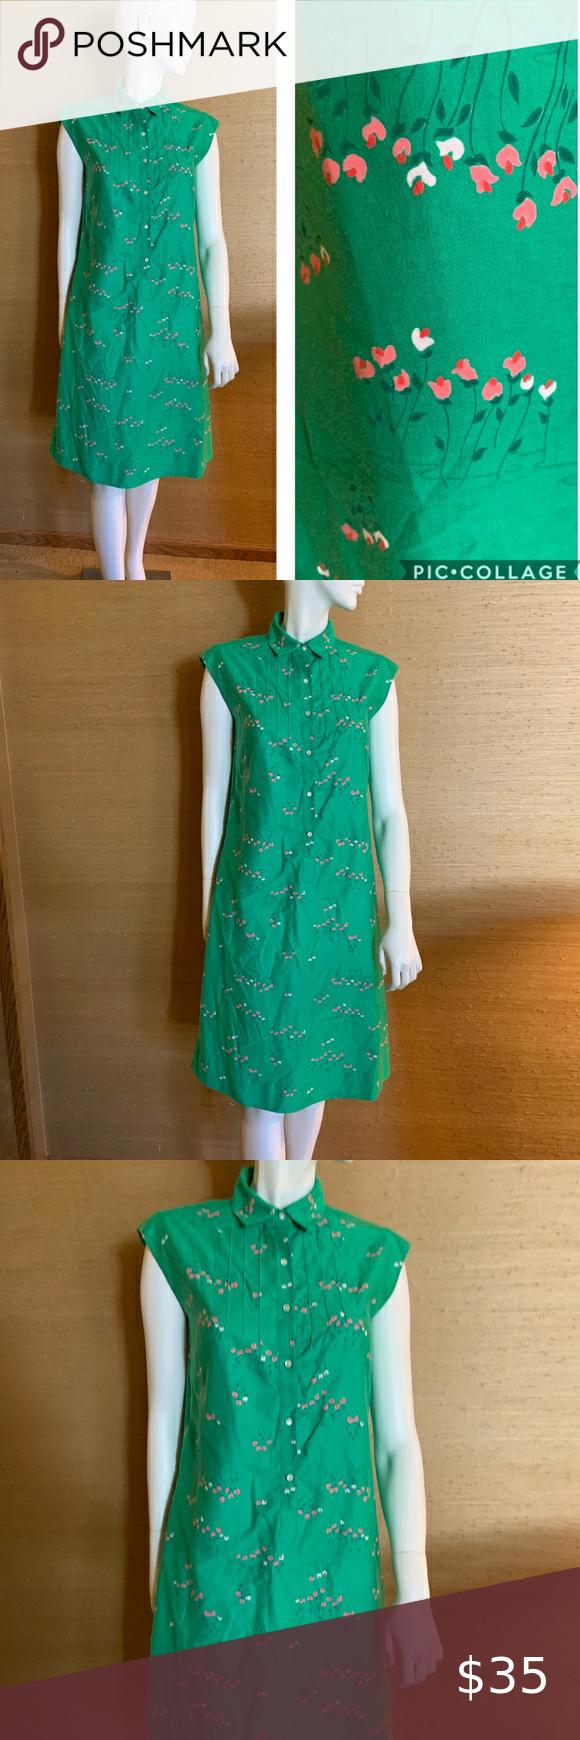 Sale Vintage Malia Floral Shift Dress Floral Shift Dress Dresses Shift Dress [ 1740 x 580 Pixel ]